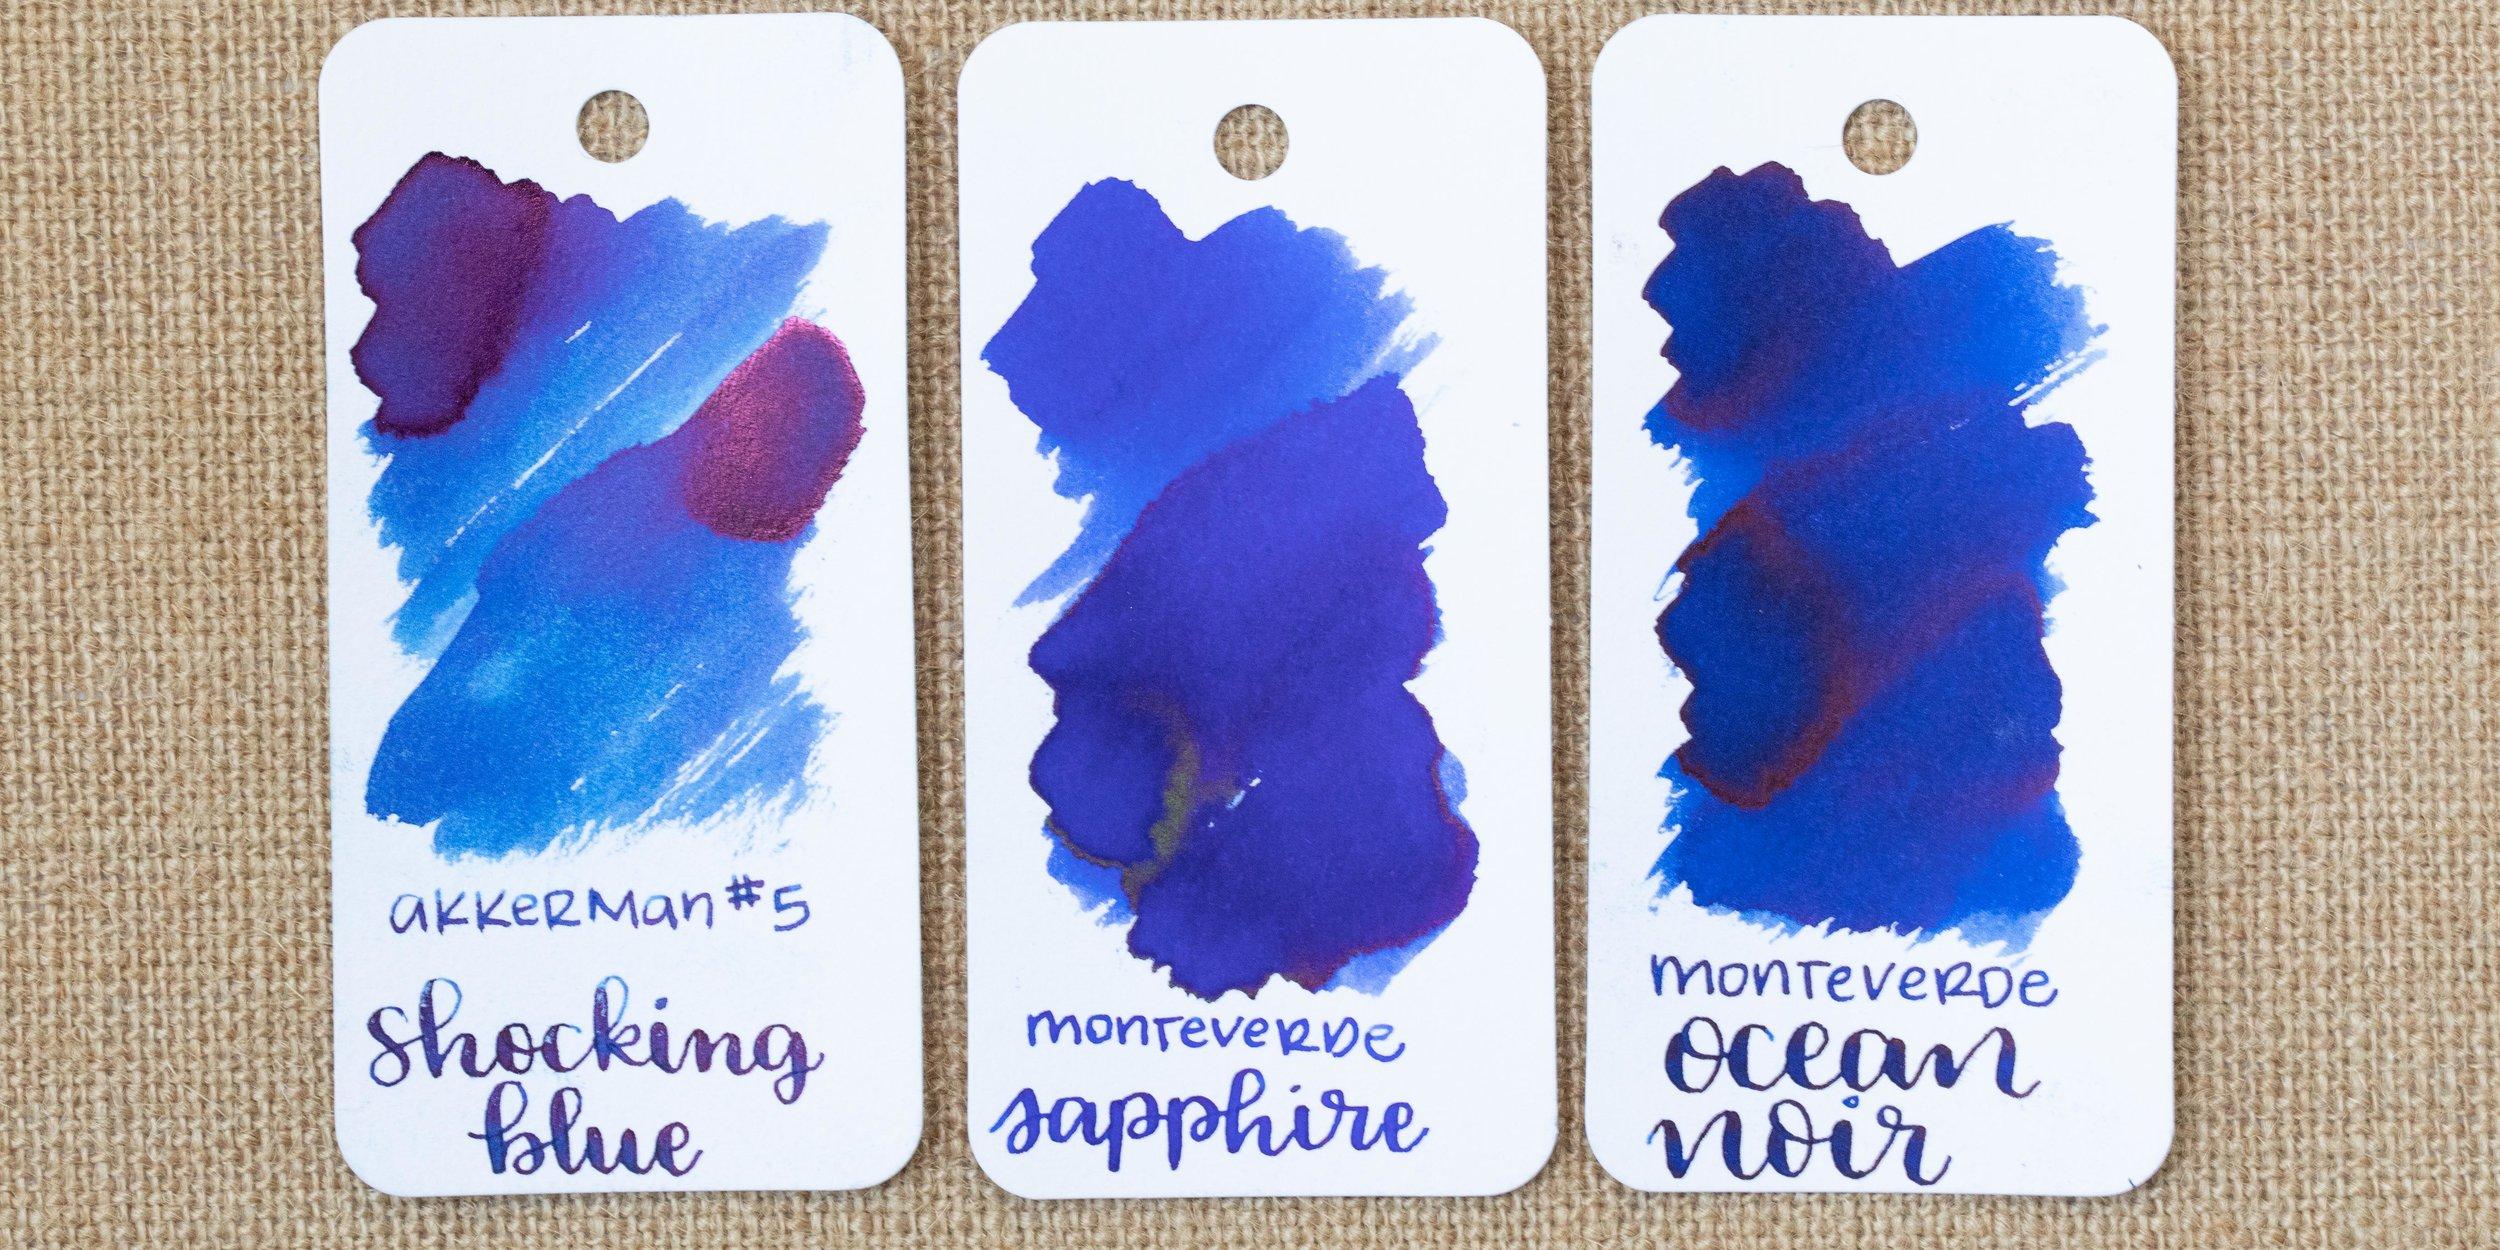 mv-sapphire-sw-1.jpg